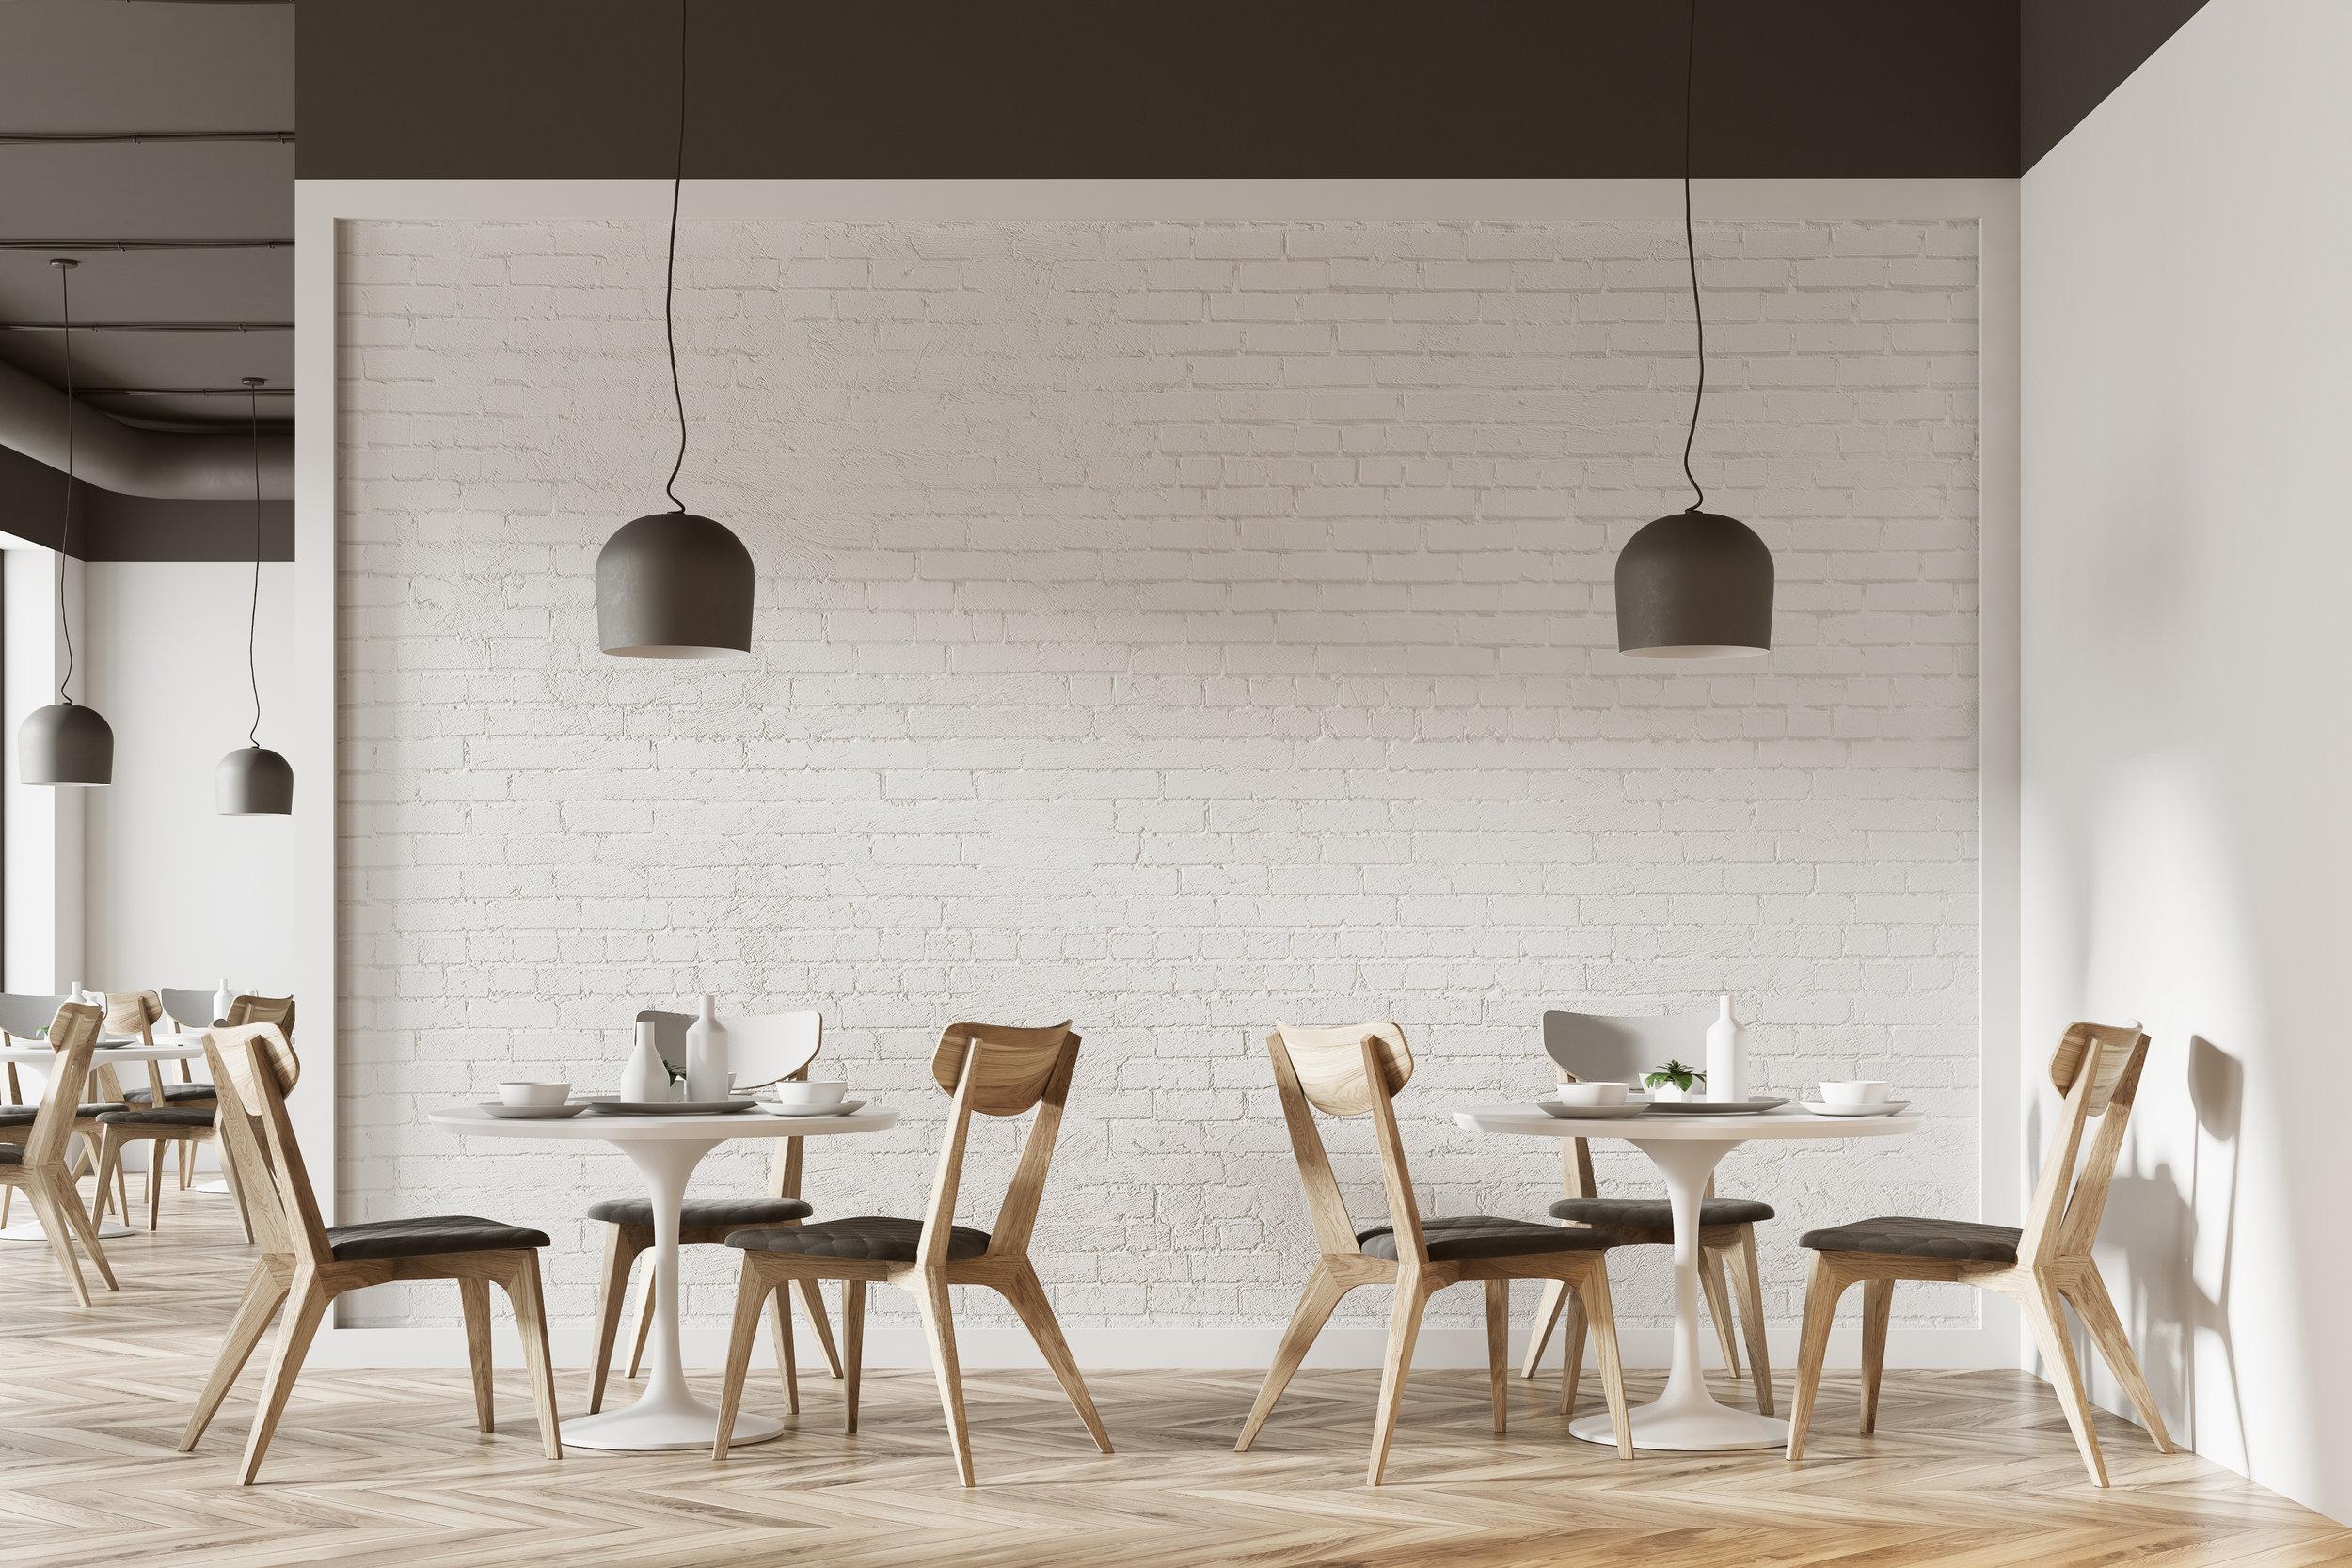 restaurant-before-high.jpg